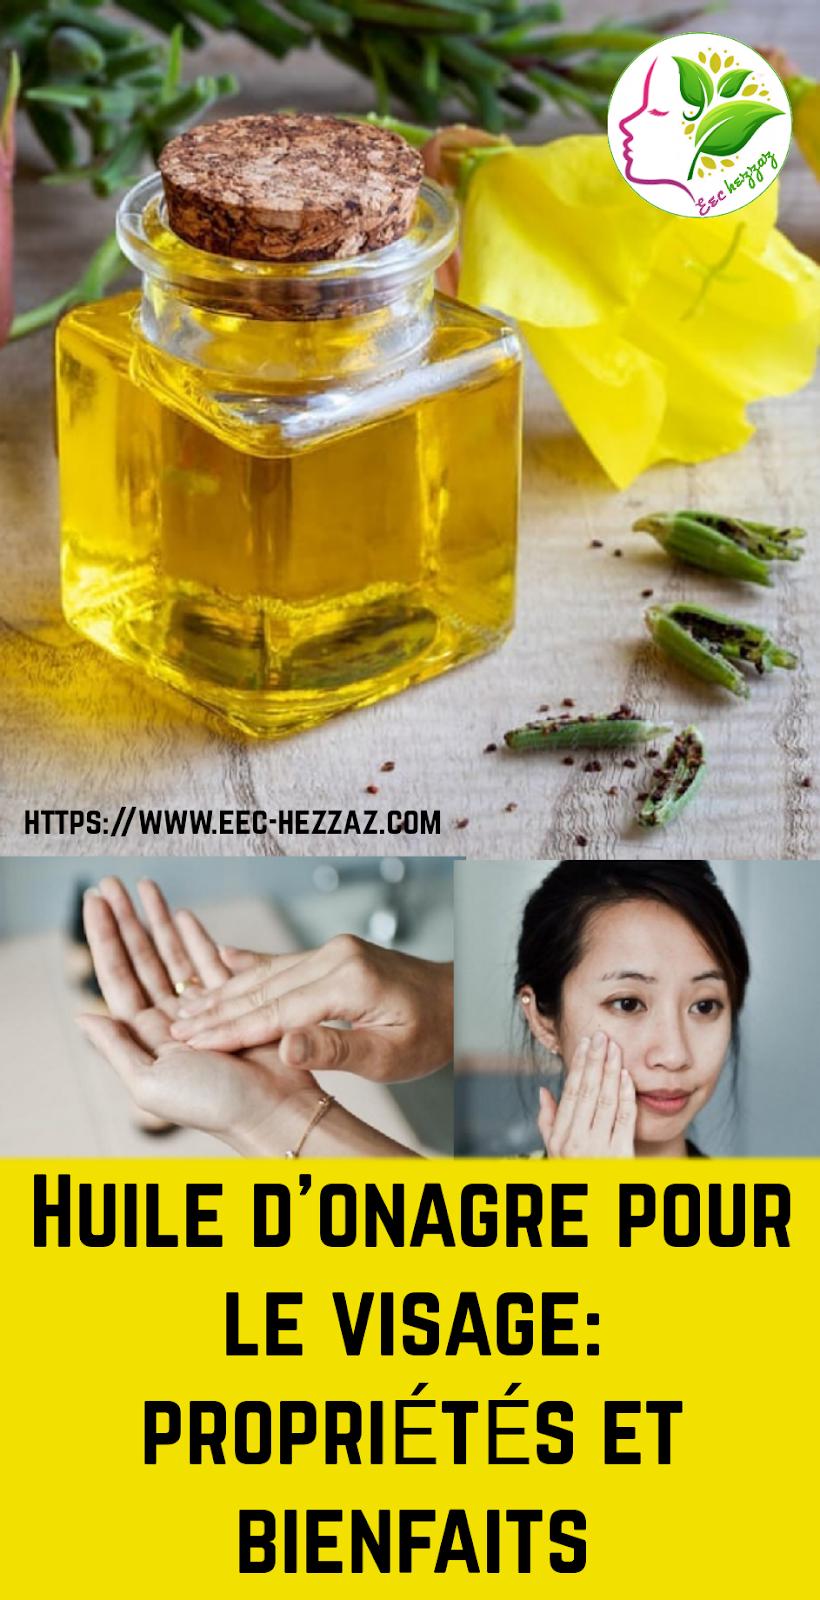 Huile d'onagre pour le visage: propriétés et bienfaits